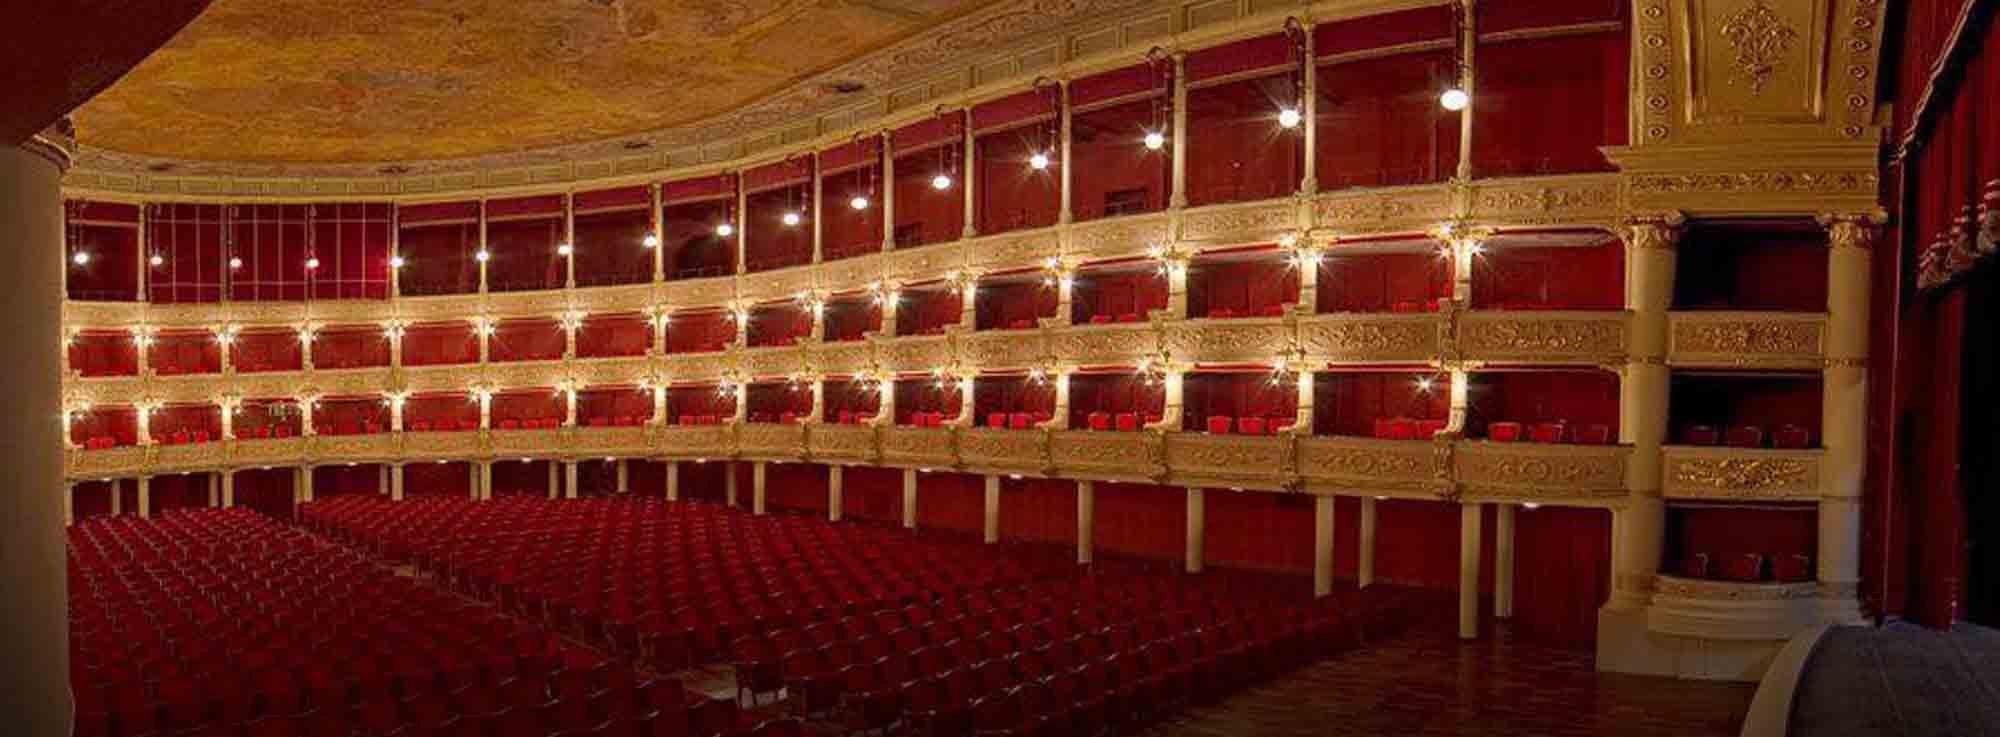 Lecce: L'odore assordante del bianco